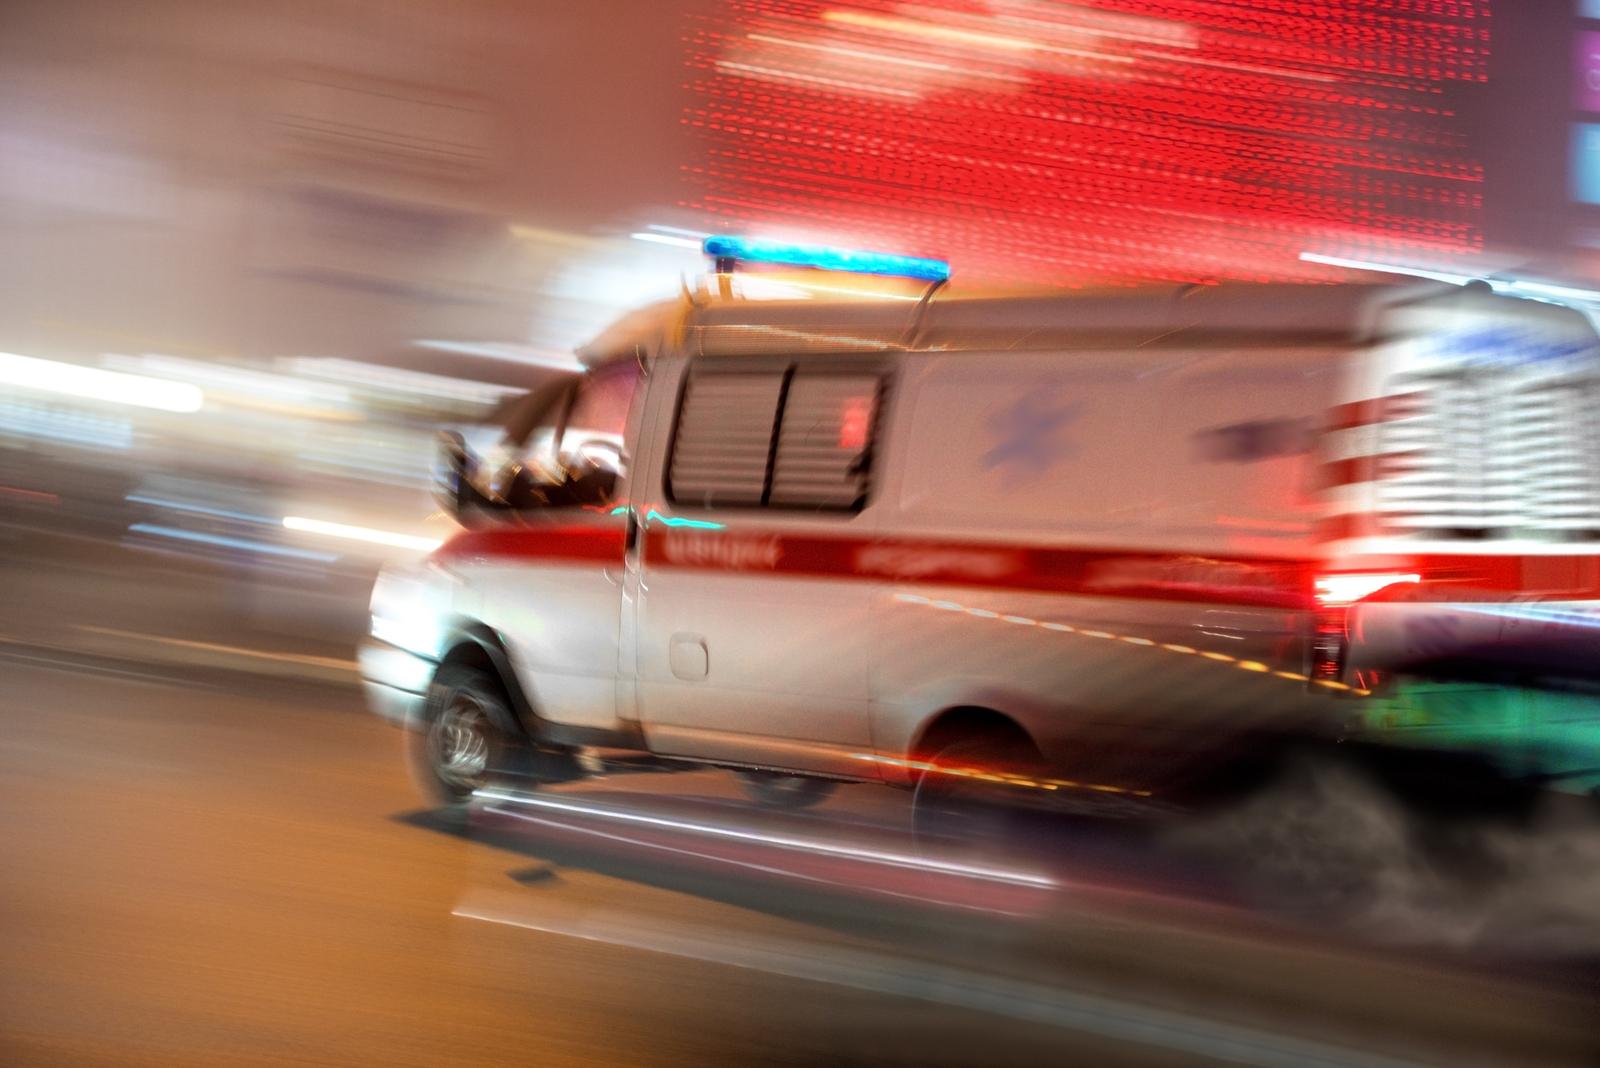 В Клинцах разбились иномарки: ранена 33-летняя женщина